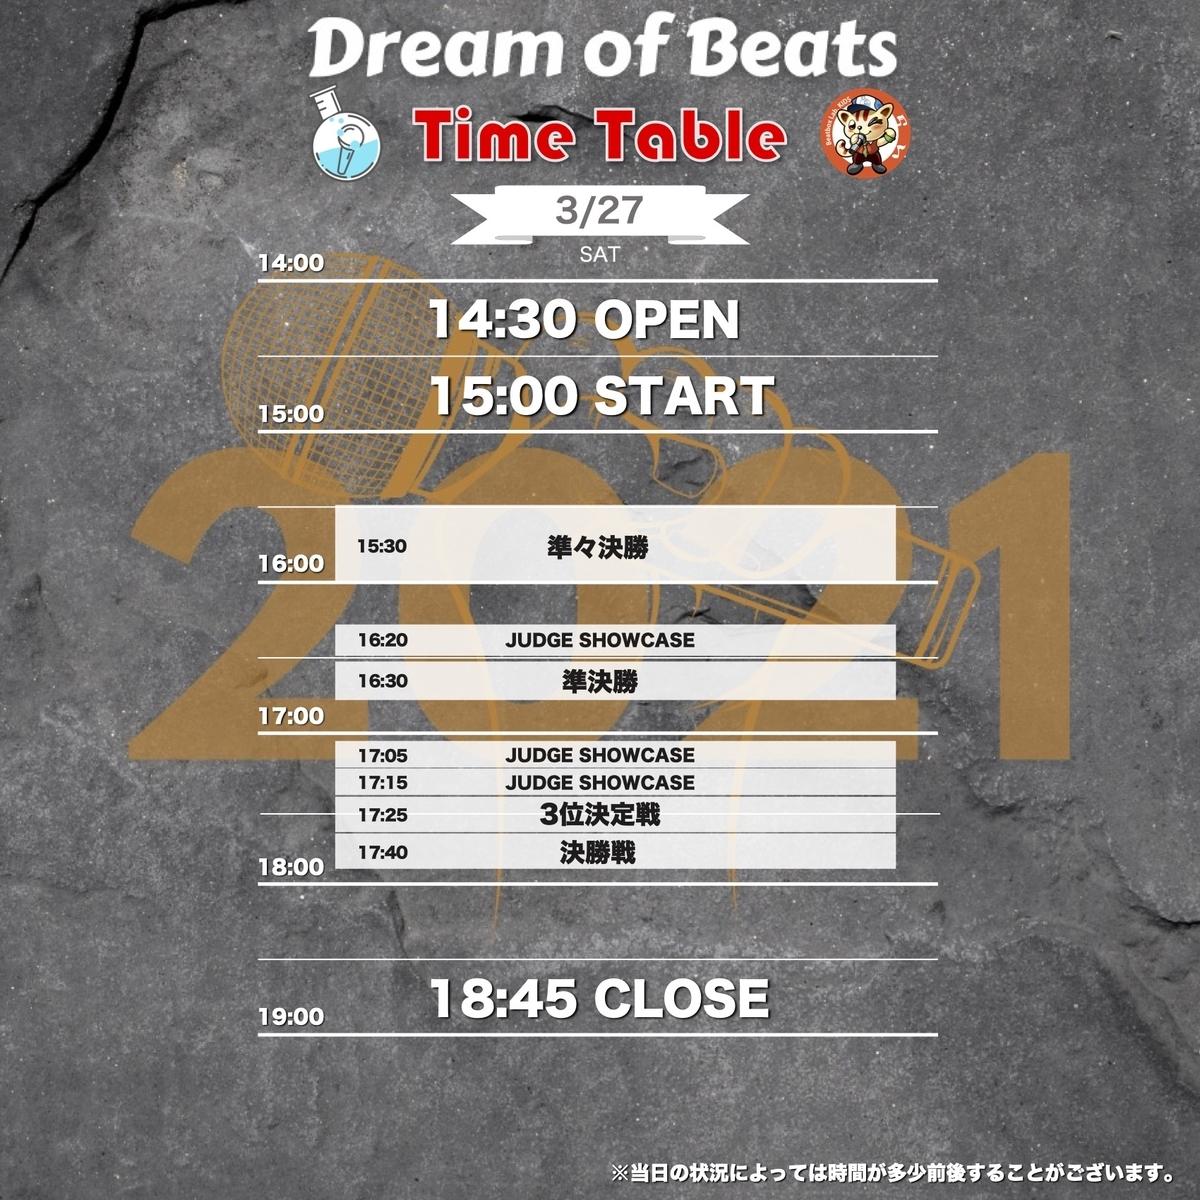 f:id:beatboxlab:20210324214558j:plain